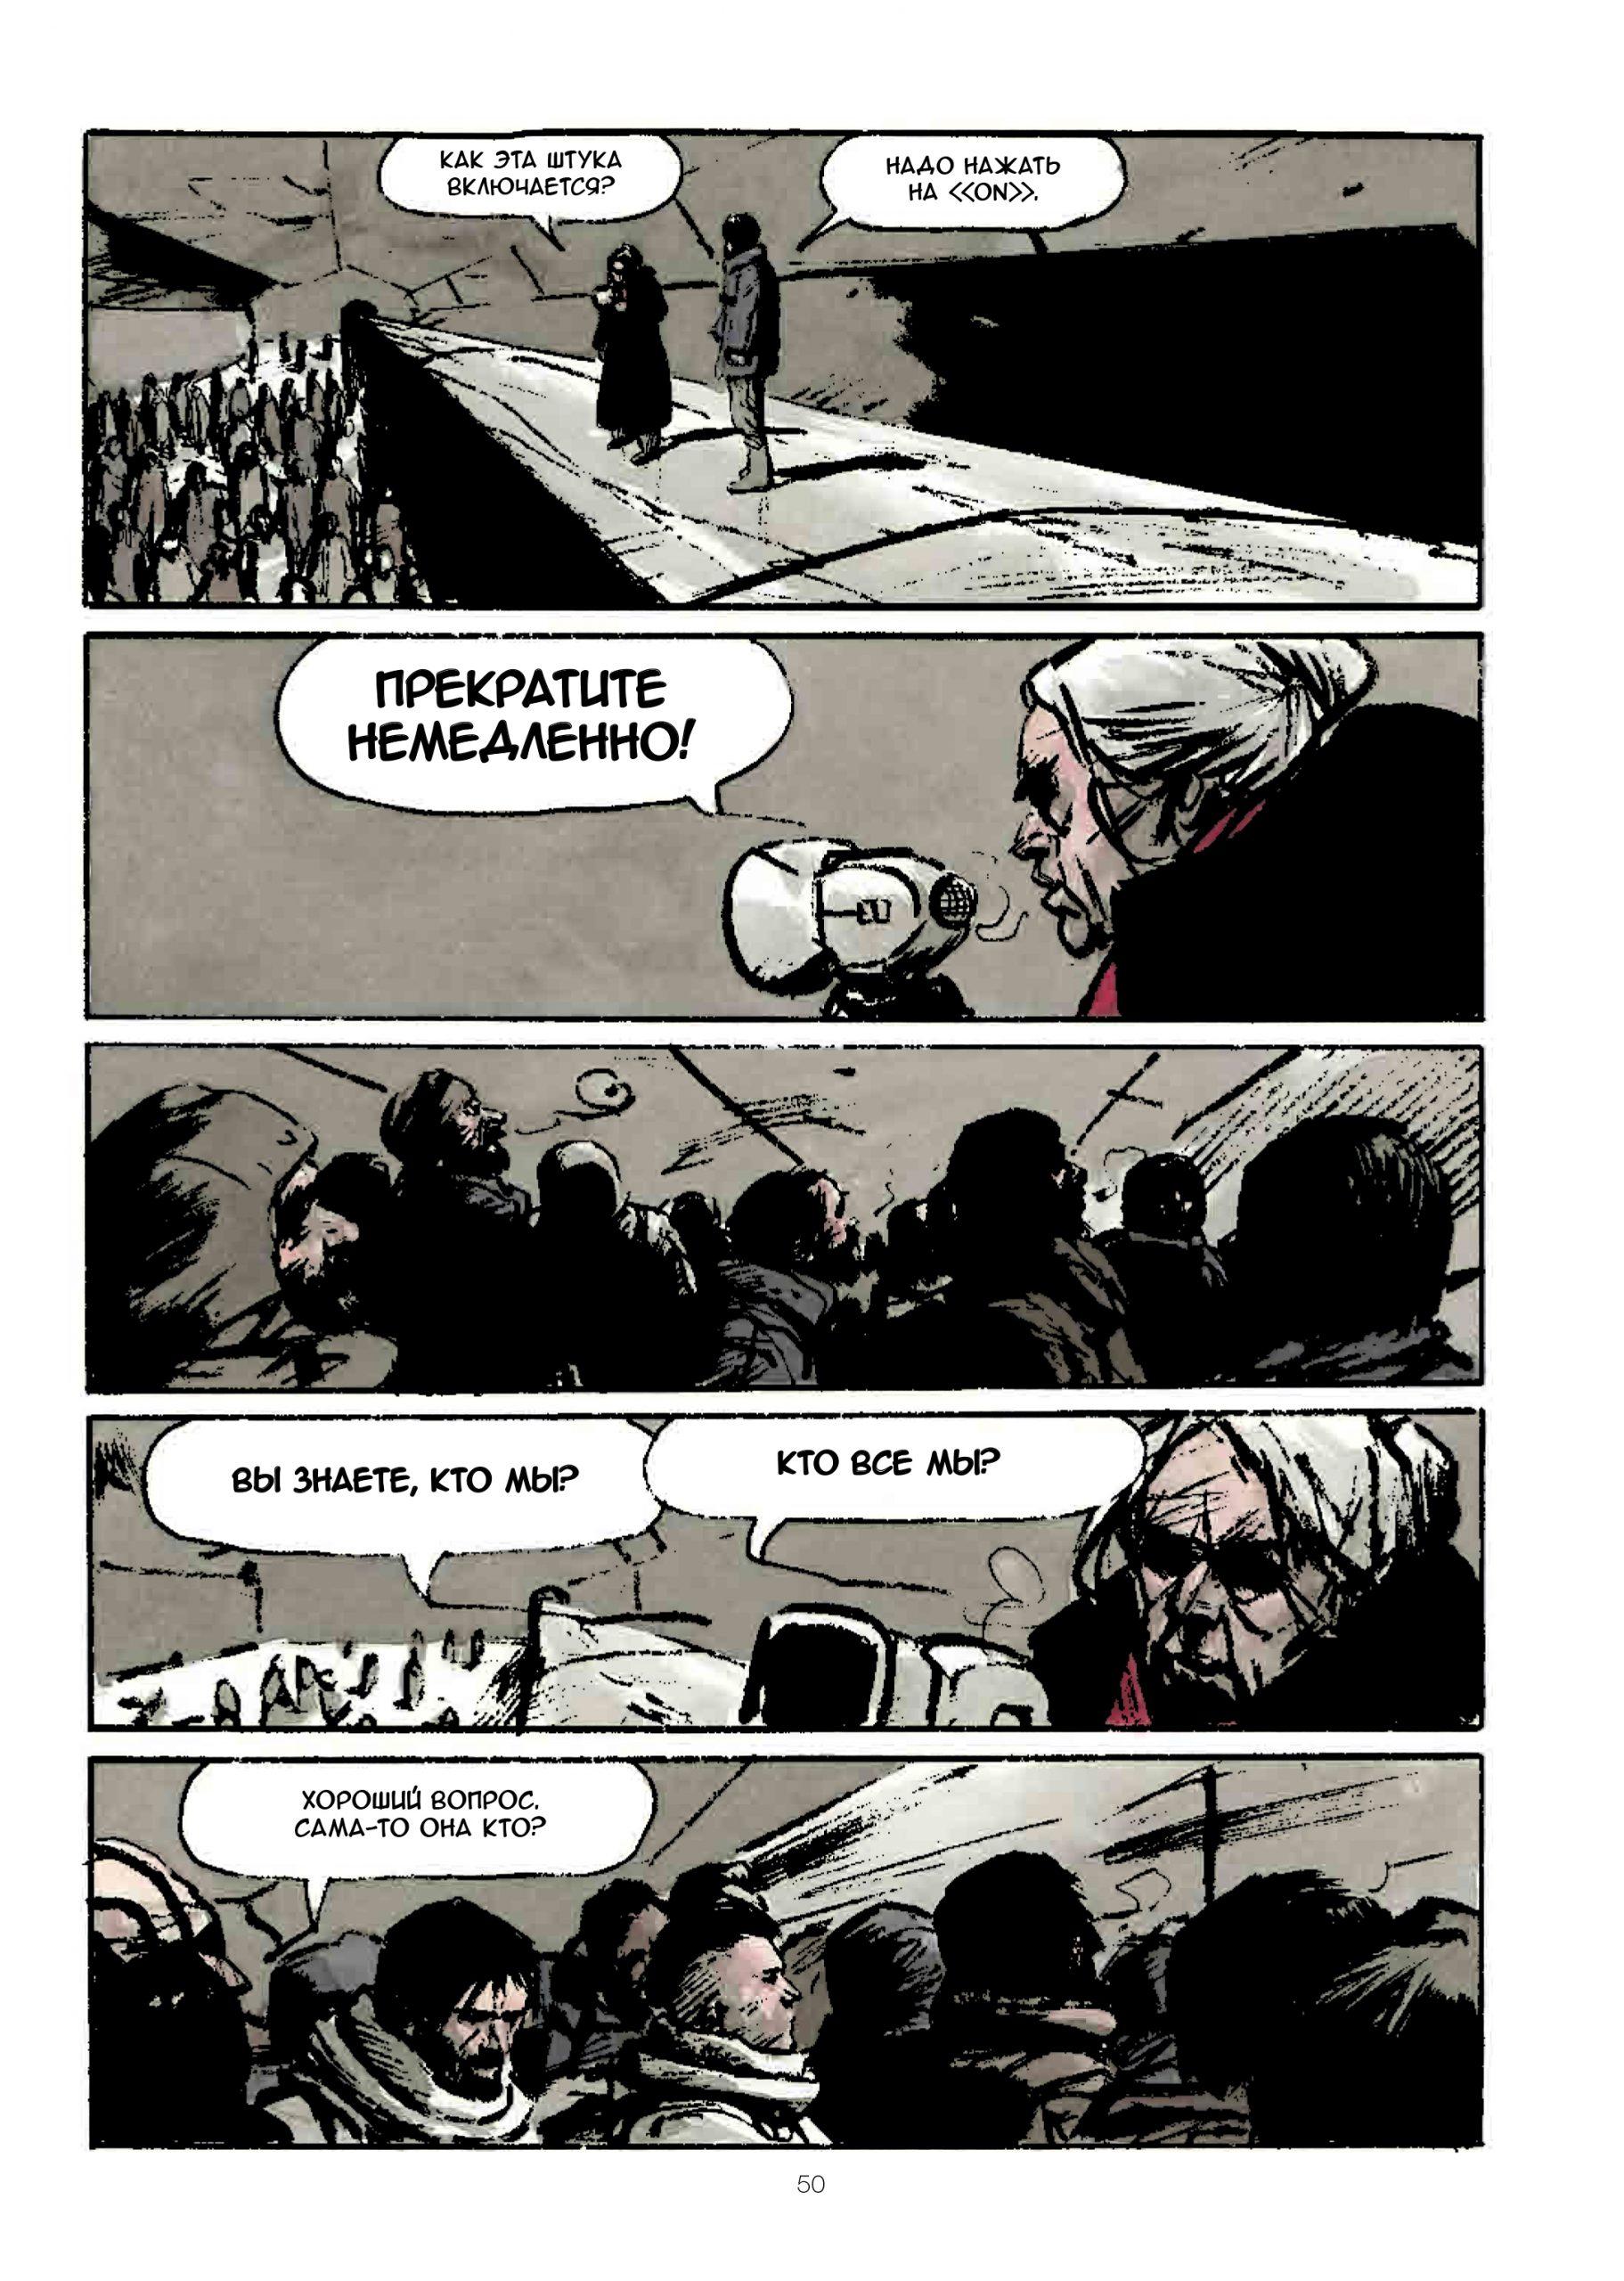 Читаем комикс «Сквозь снег: Конечная станция» 7